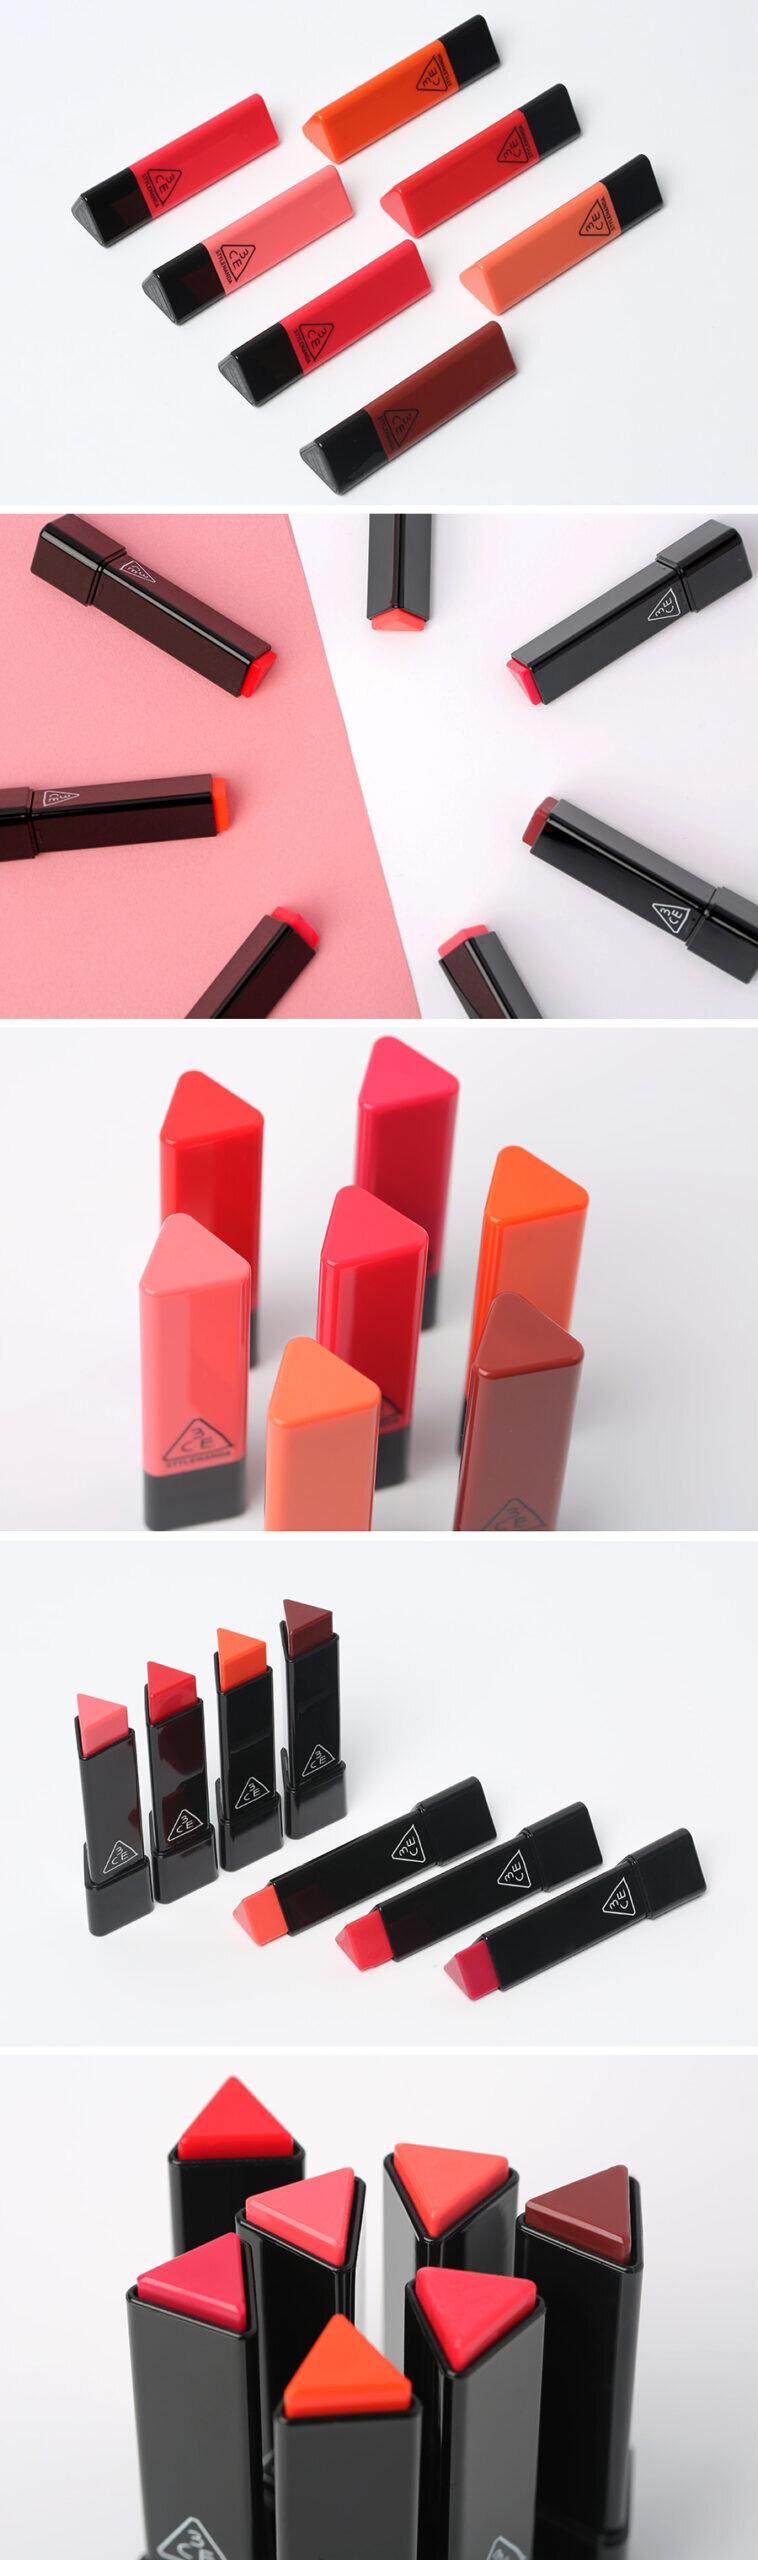 Son dưỡng 3CE Bebe Color Lip Balm - Giá tham khảo khoảng 318.000 vnđ/ thỏi 2.8g